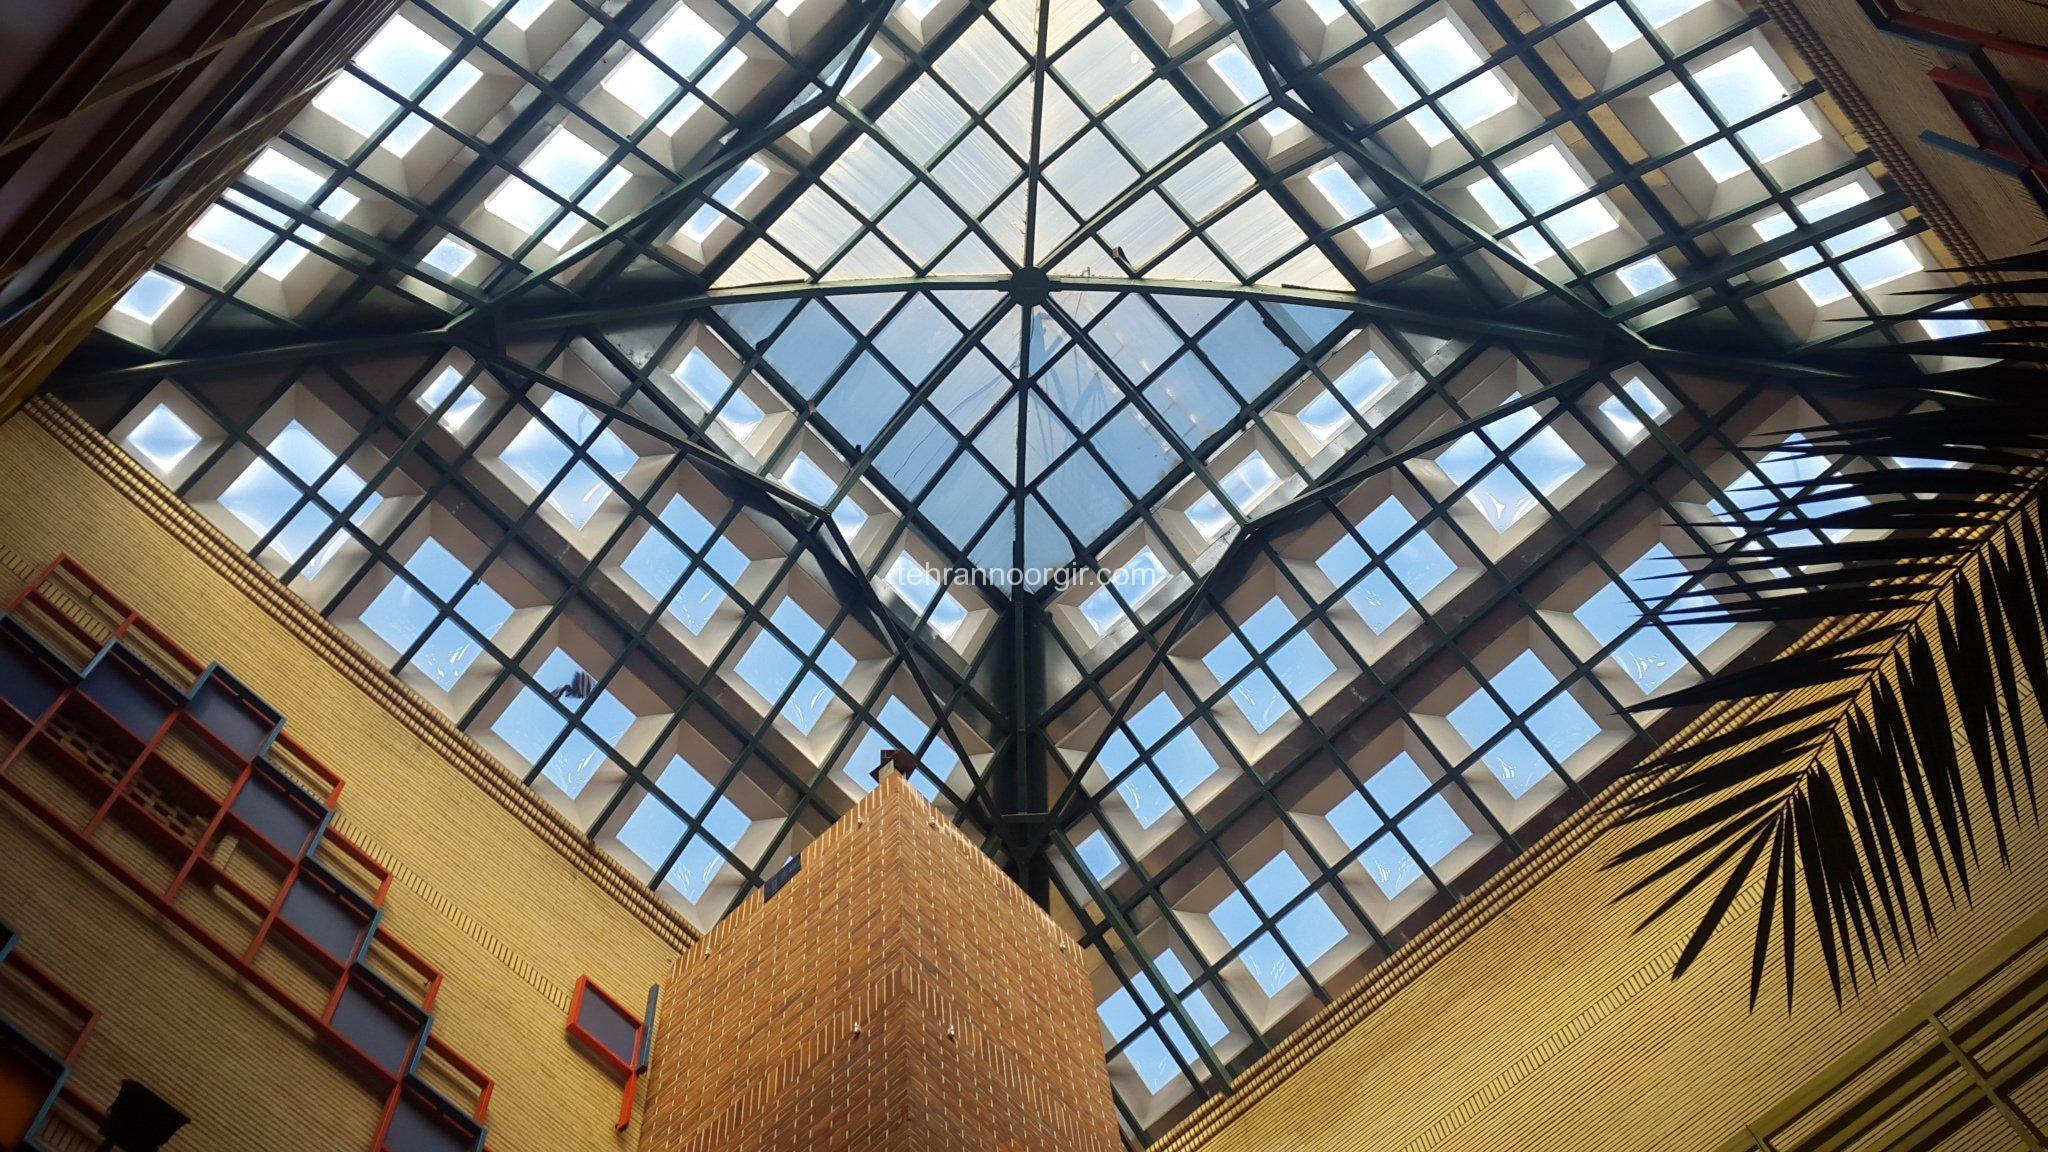 نورگیر سقفی به صورت هرمی در رشت